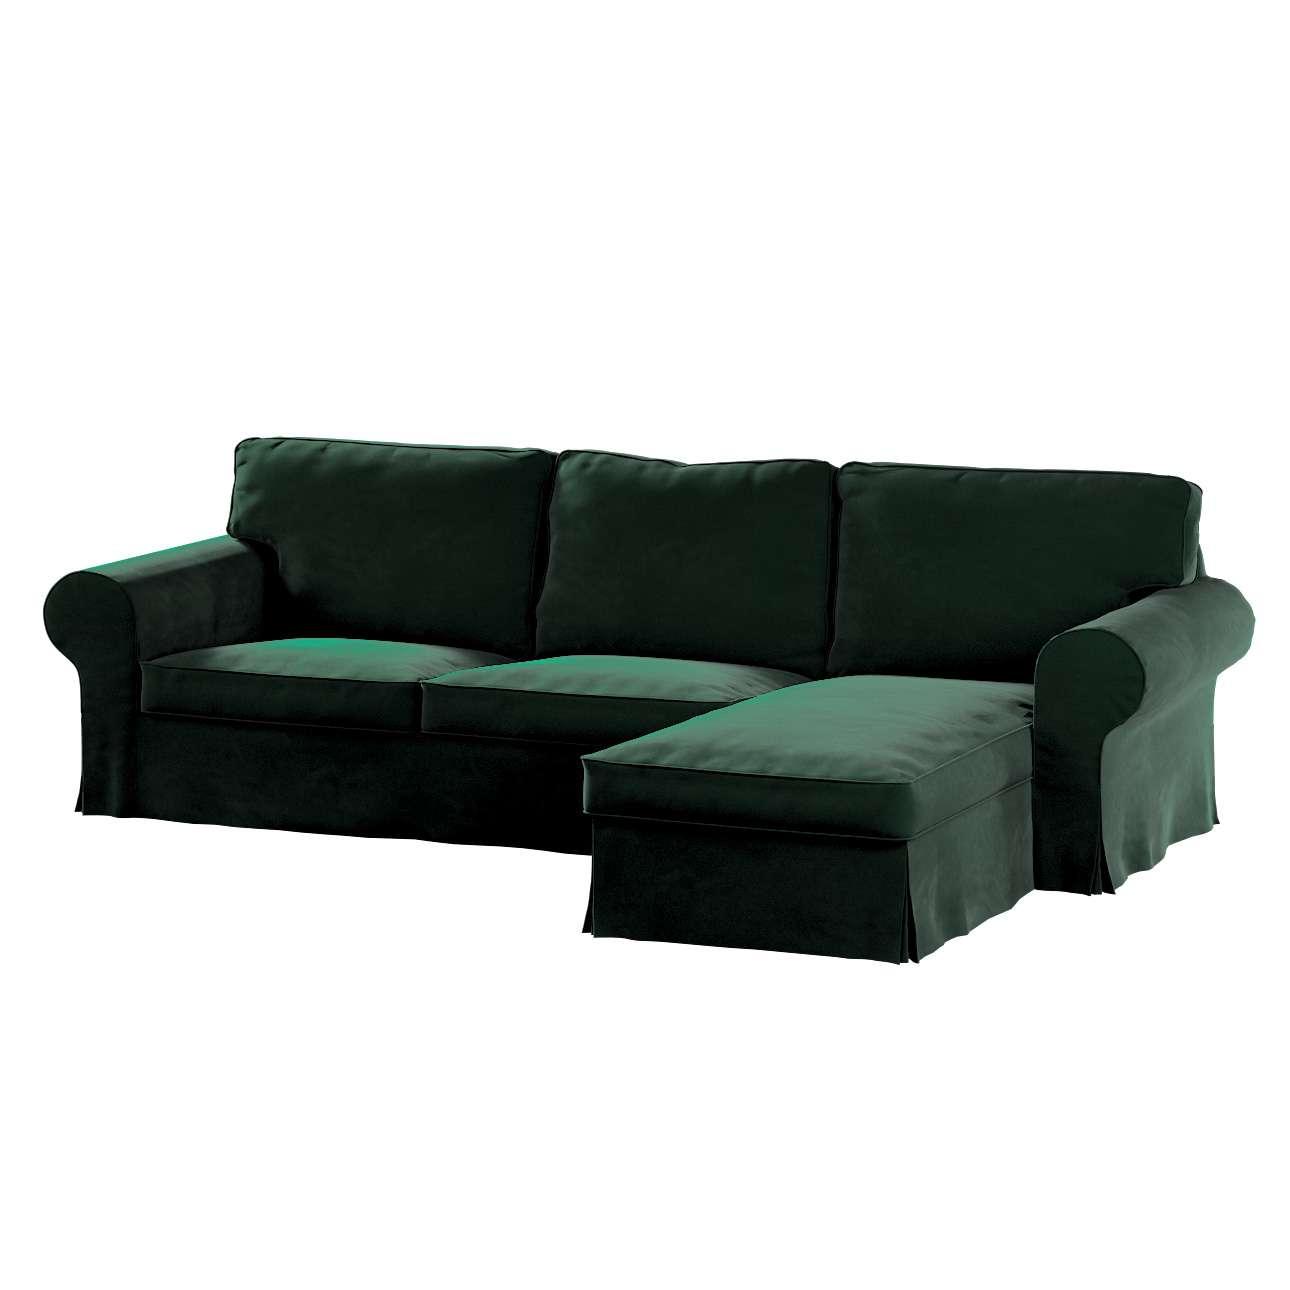 Pokrowiec na sofę Ektorp 2-osobową i leżankę w kolekcji Velvet, tkanina: 704-25